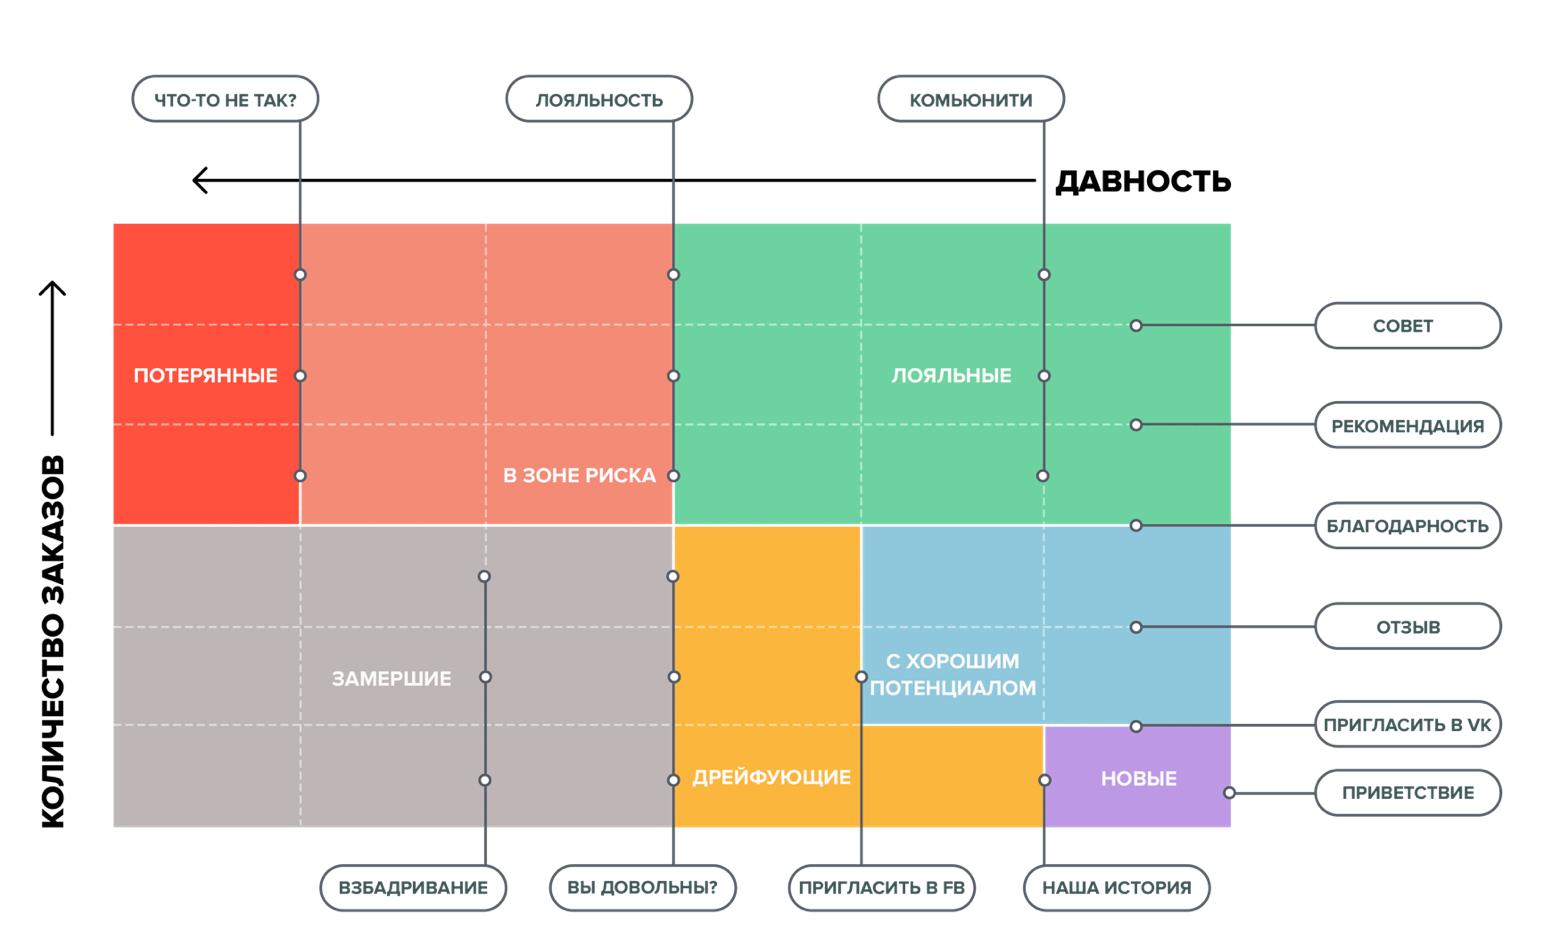 Схема коммуникации с разными сегментами